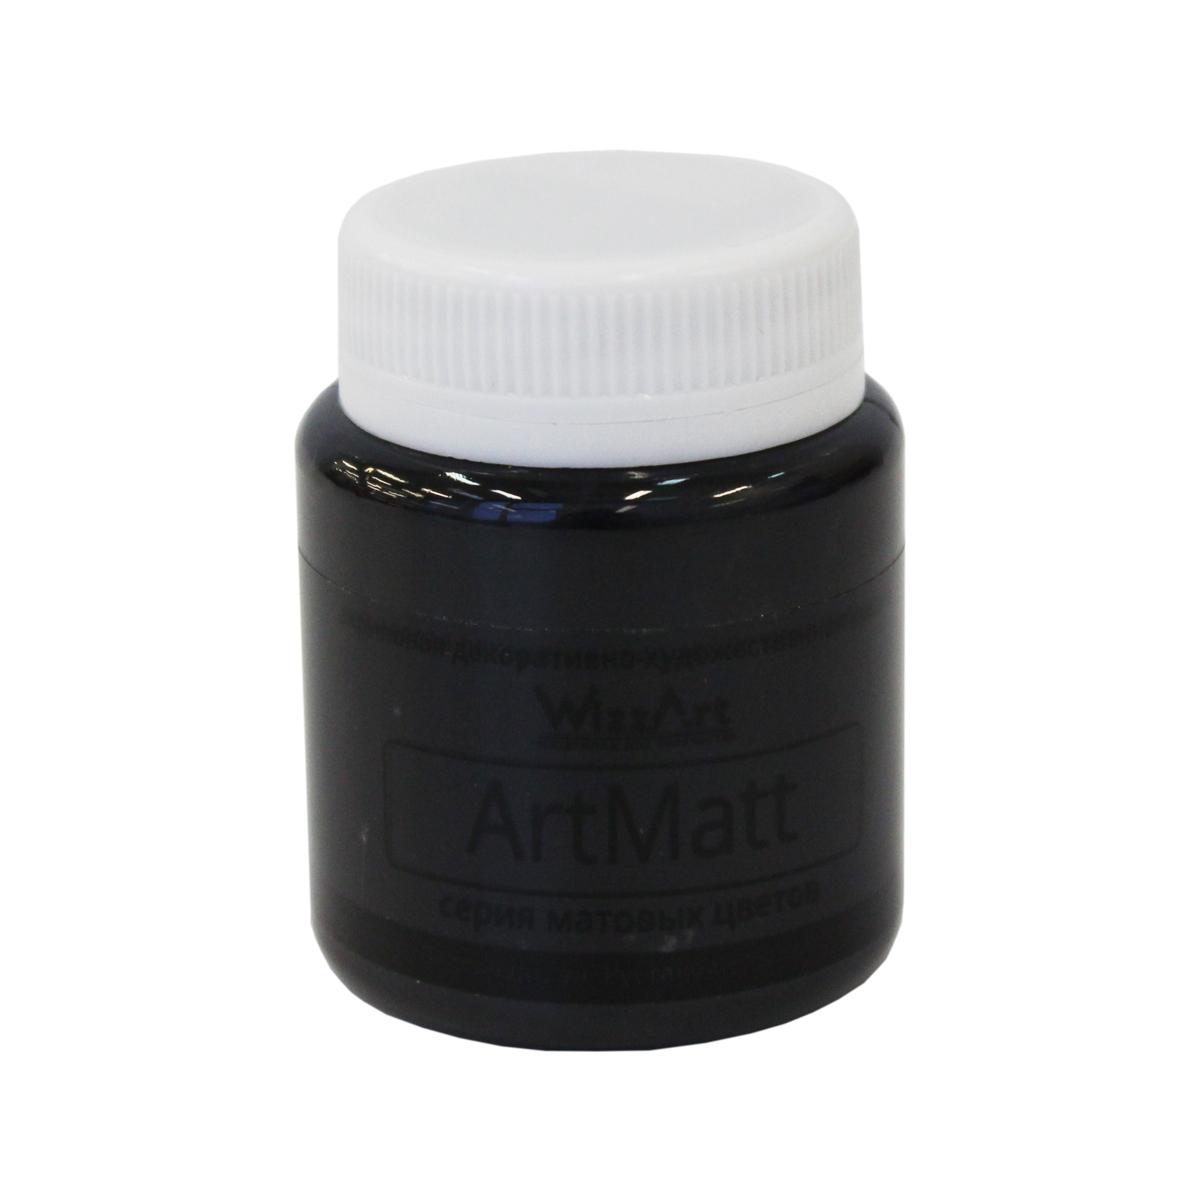 Краска акриловая WizzArt ArtMatt, цвет: черный, 80 мл501028Серия декоративно-художественных красок ArtMatt от компании WizzArt после высыхания образует ровную матовую поверхность. Богатая палитра оттенков позволит художнику или рукодельнице с легкостью реализовать свою творческую идею. Чистые, глубокие и насыщенные оттенки акриловых красок серии ArtMatt обладают повышенной светостойкостью. Матовая акриловая краска смотрится очень интересно, а в сочетании с глянцевой краской можно создать необычные композиционные акценты в своем рисунке. Акриловые краски WizzArt нетоксичны, ровно ложатся, подходят практически для любой поверхности, а потому востребованы в огромном количестве различных направлений творчества. Ими можно не только писать картины, но и расписывать посуду и сувениры, декорировать украшения и элементы интерьера, использовать во флористике, декупаже, скрапбукинге. Краски от компании WizzArt имеют высокое качество при вполне доступной цене, что делает их одной из наиболее привлекательных позиций в магазинах товаров для творчества.Перед использованием необходимо перемешать.Объем: 80 мл.Товар сертифицирован.